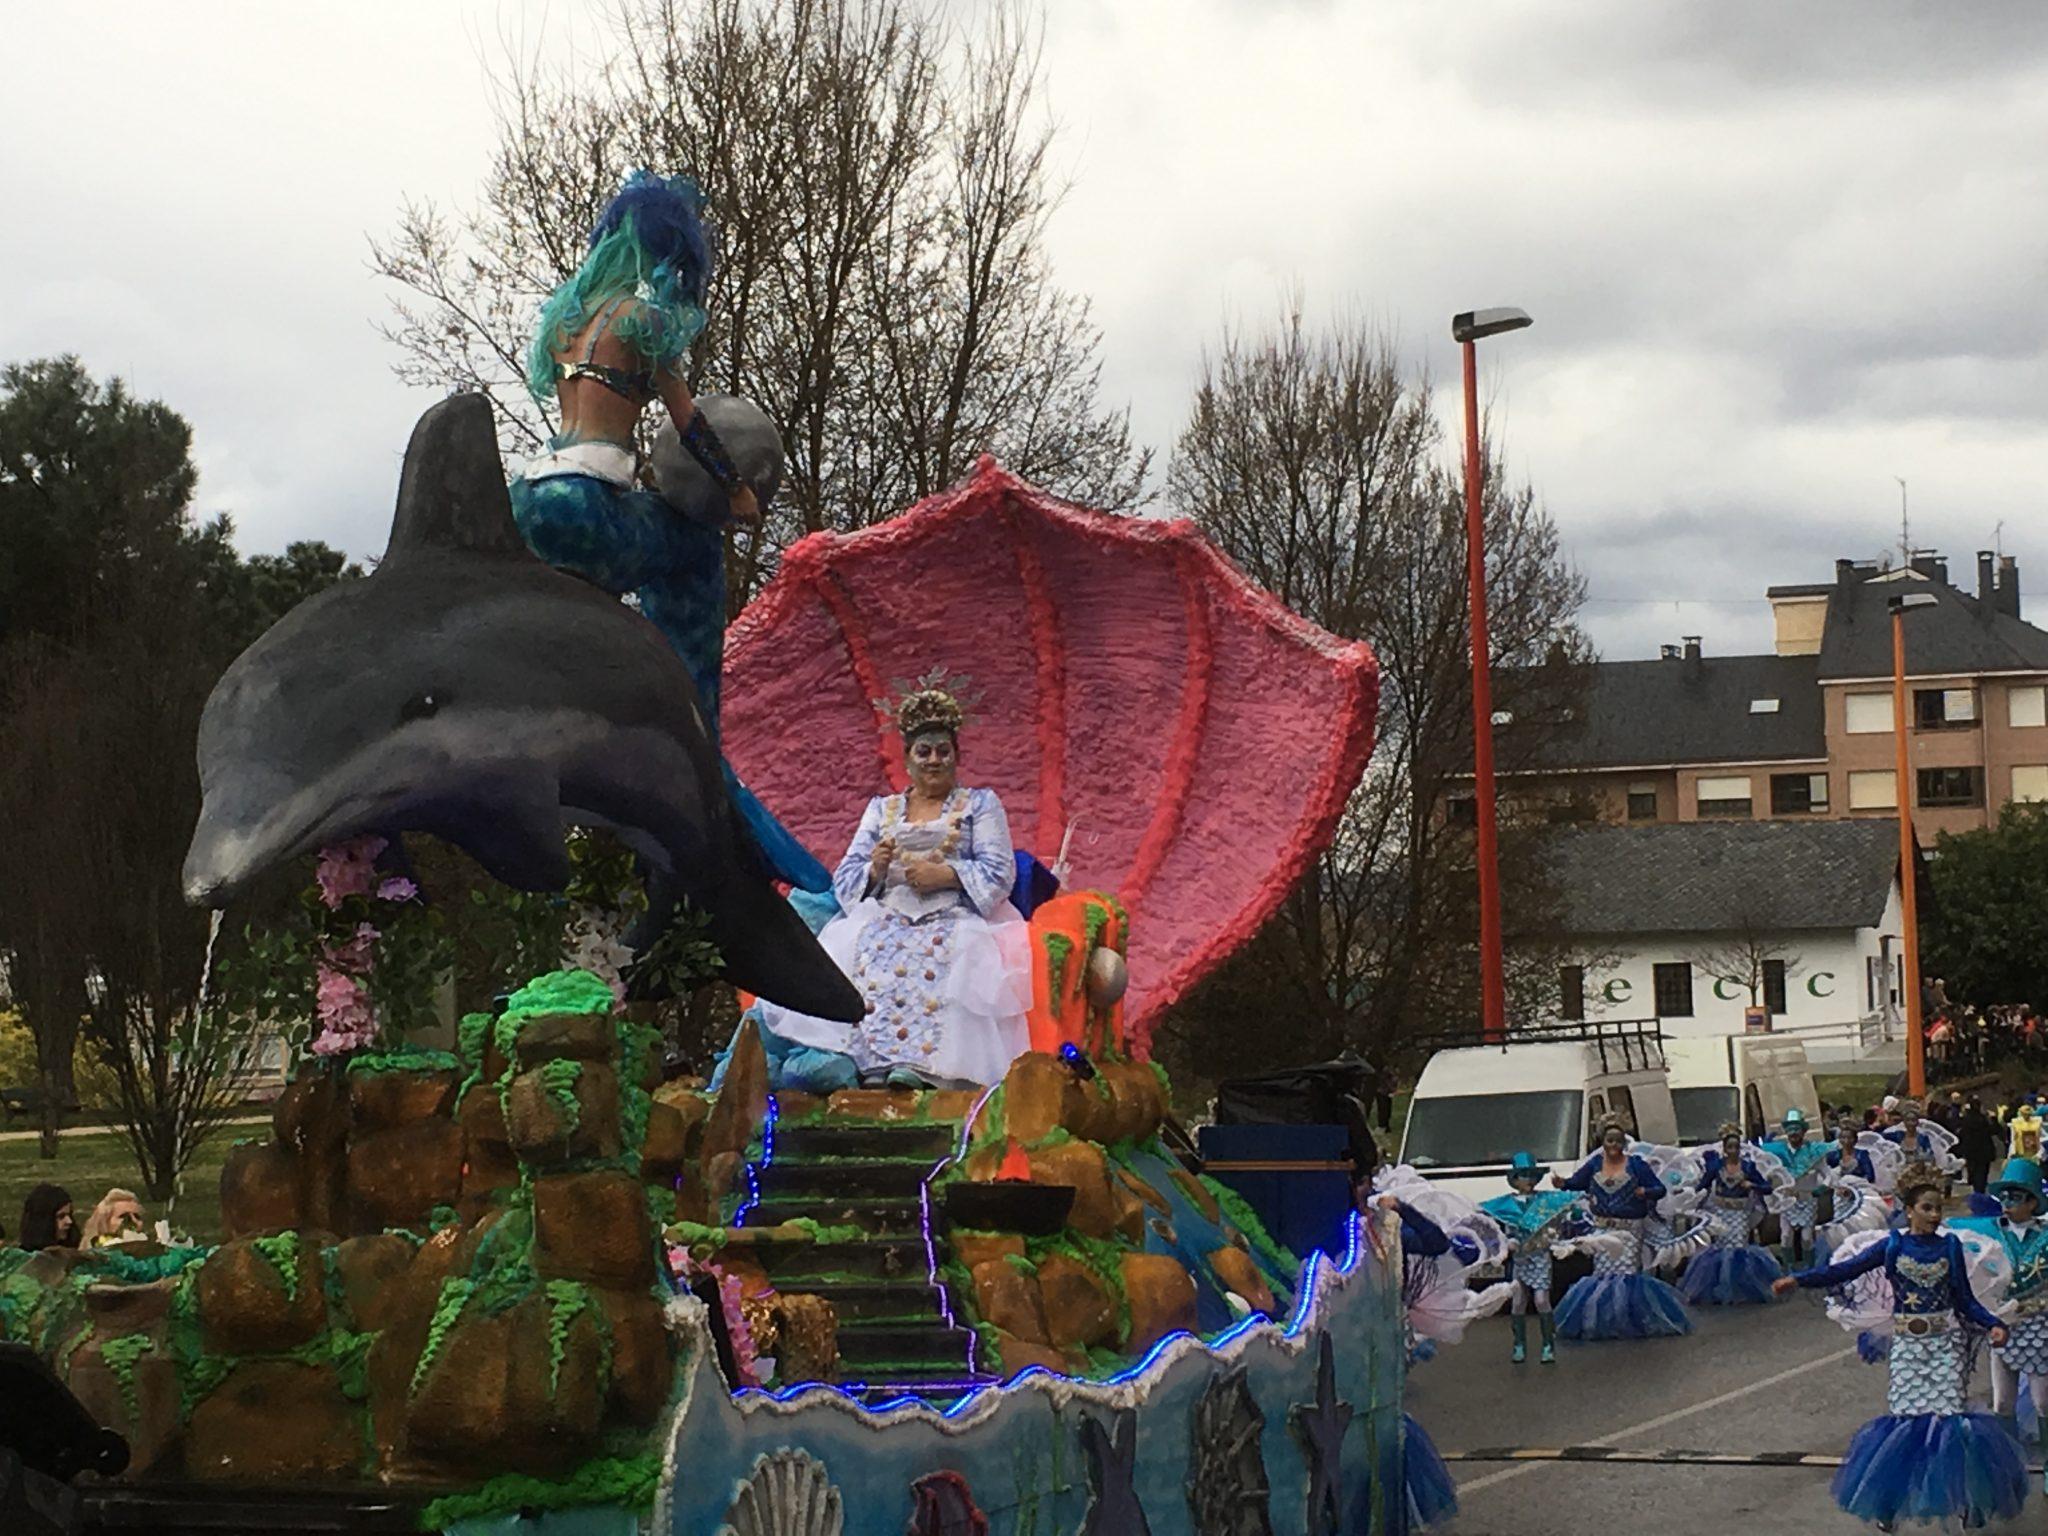 Álbum de fotos del martes de Carnaval 2019 en Ponferrada 48